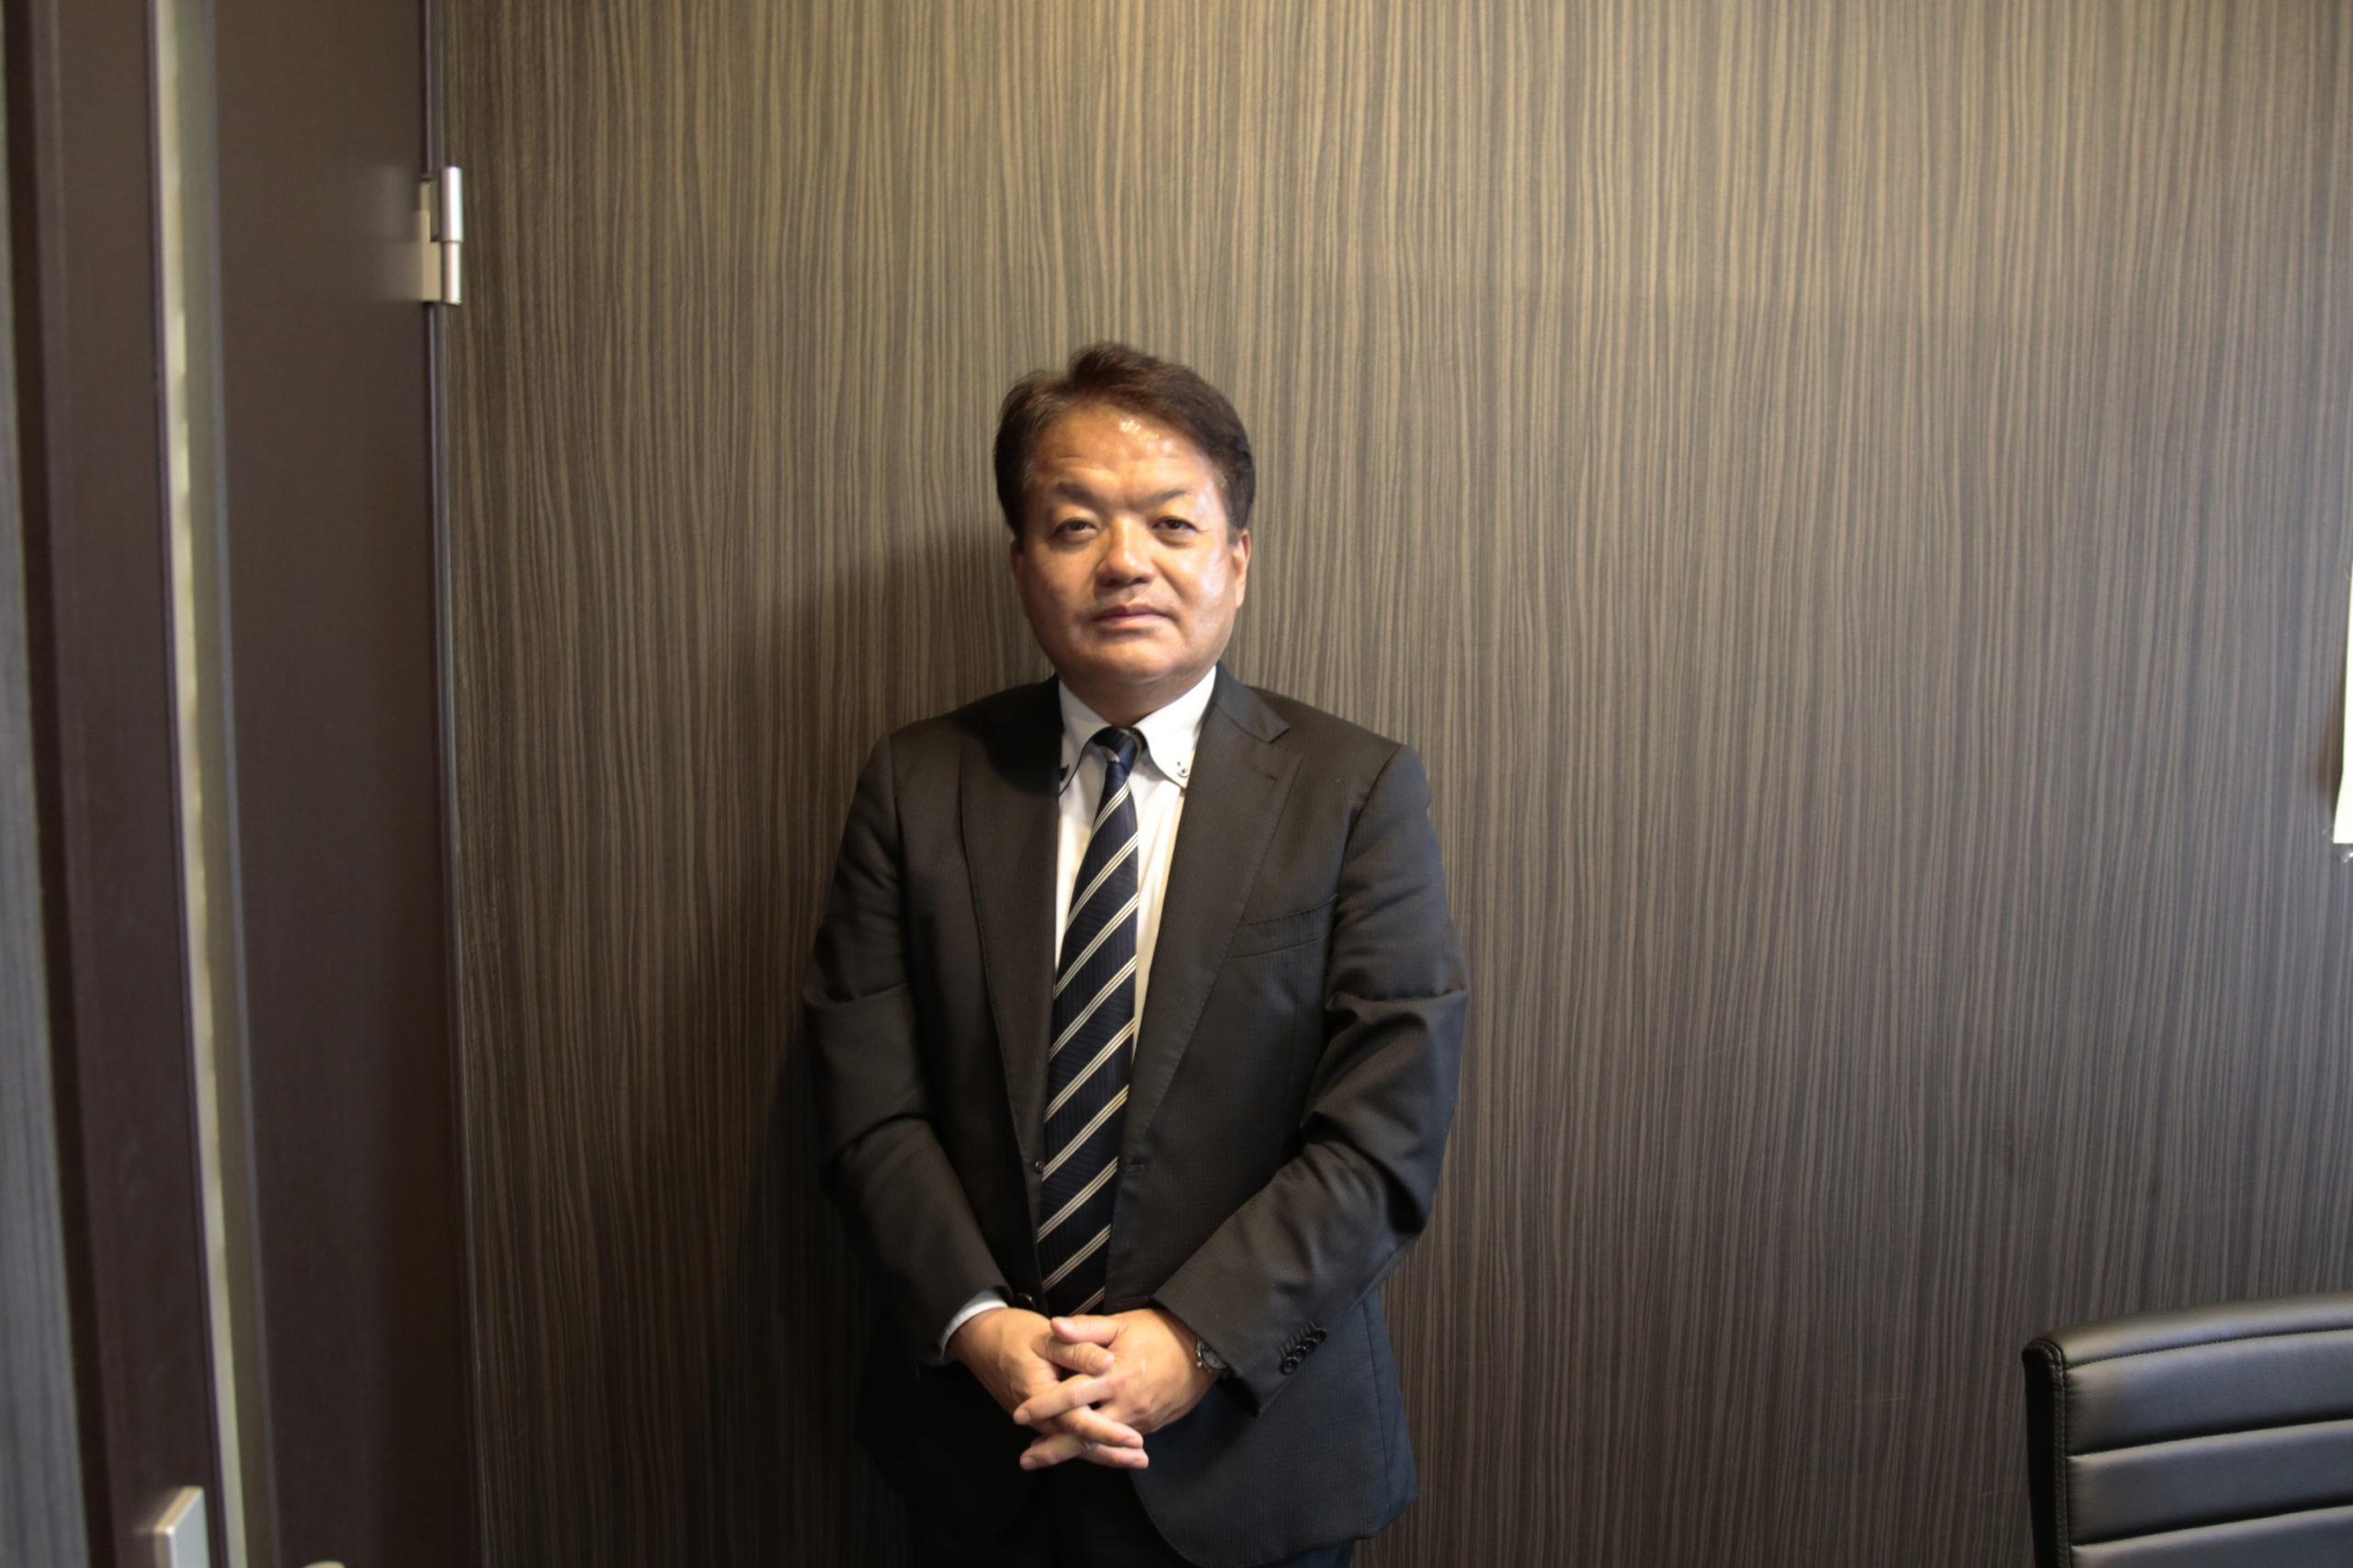 ビジョンを語り、従業員の生活を守り抜くことが経営者の使命――遠藤 正樹さんの思い